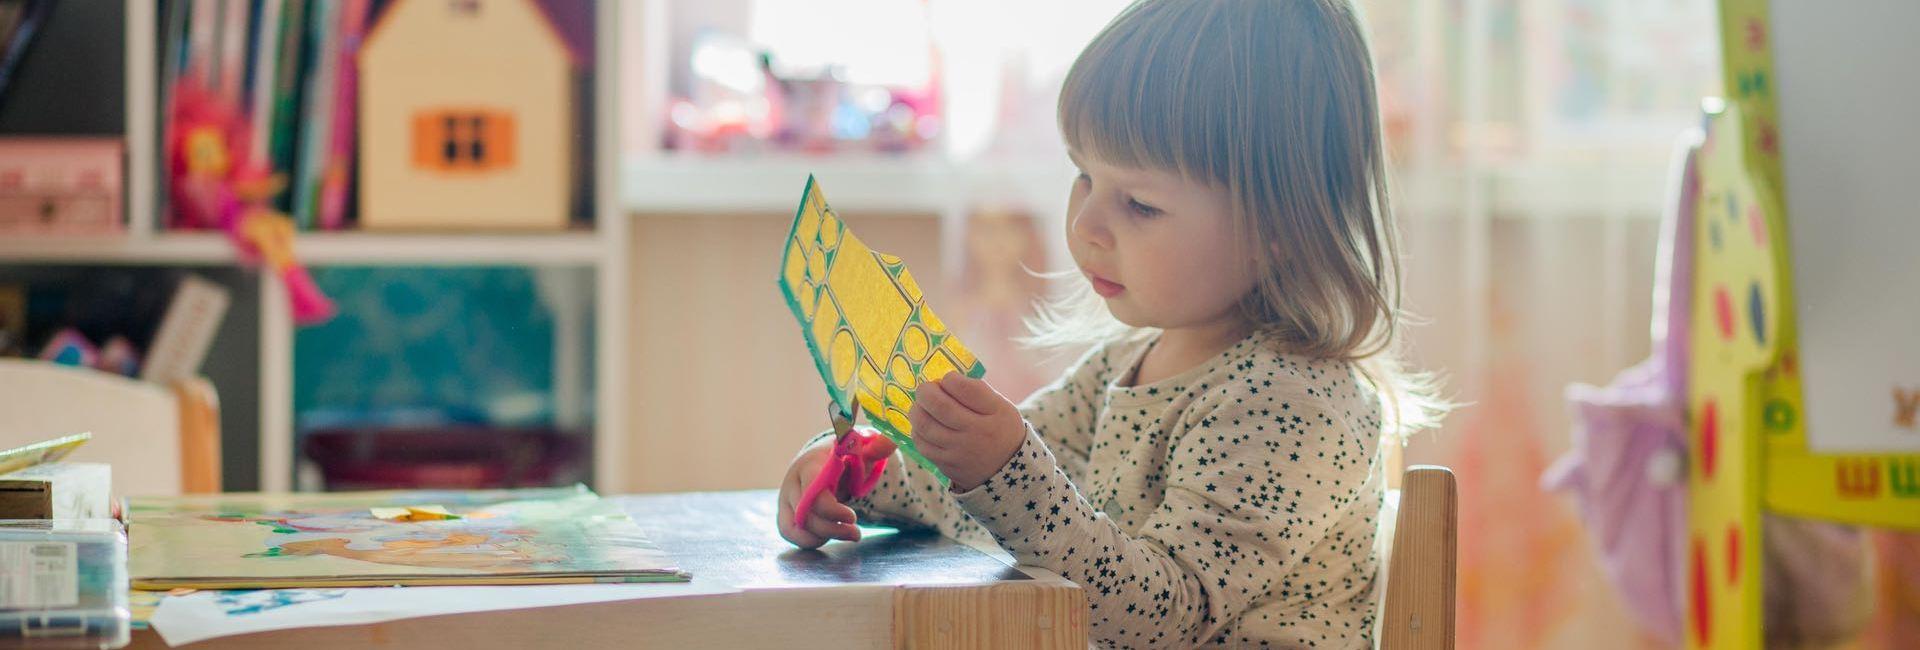 pedagogie-montessori-boom